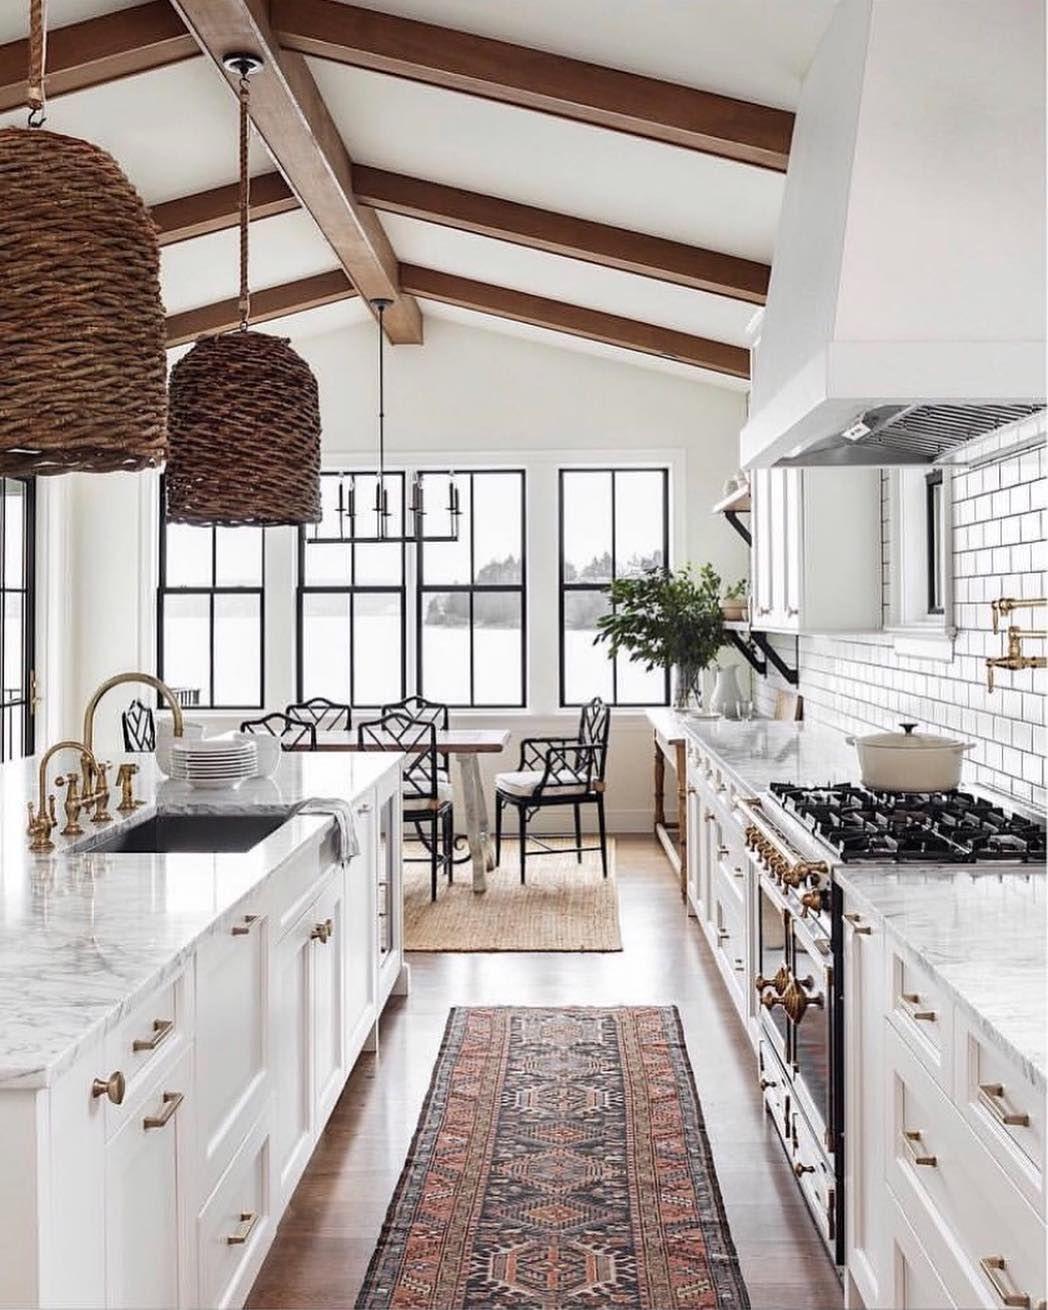 our 40 favorite instagram hashtags for interior design (com